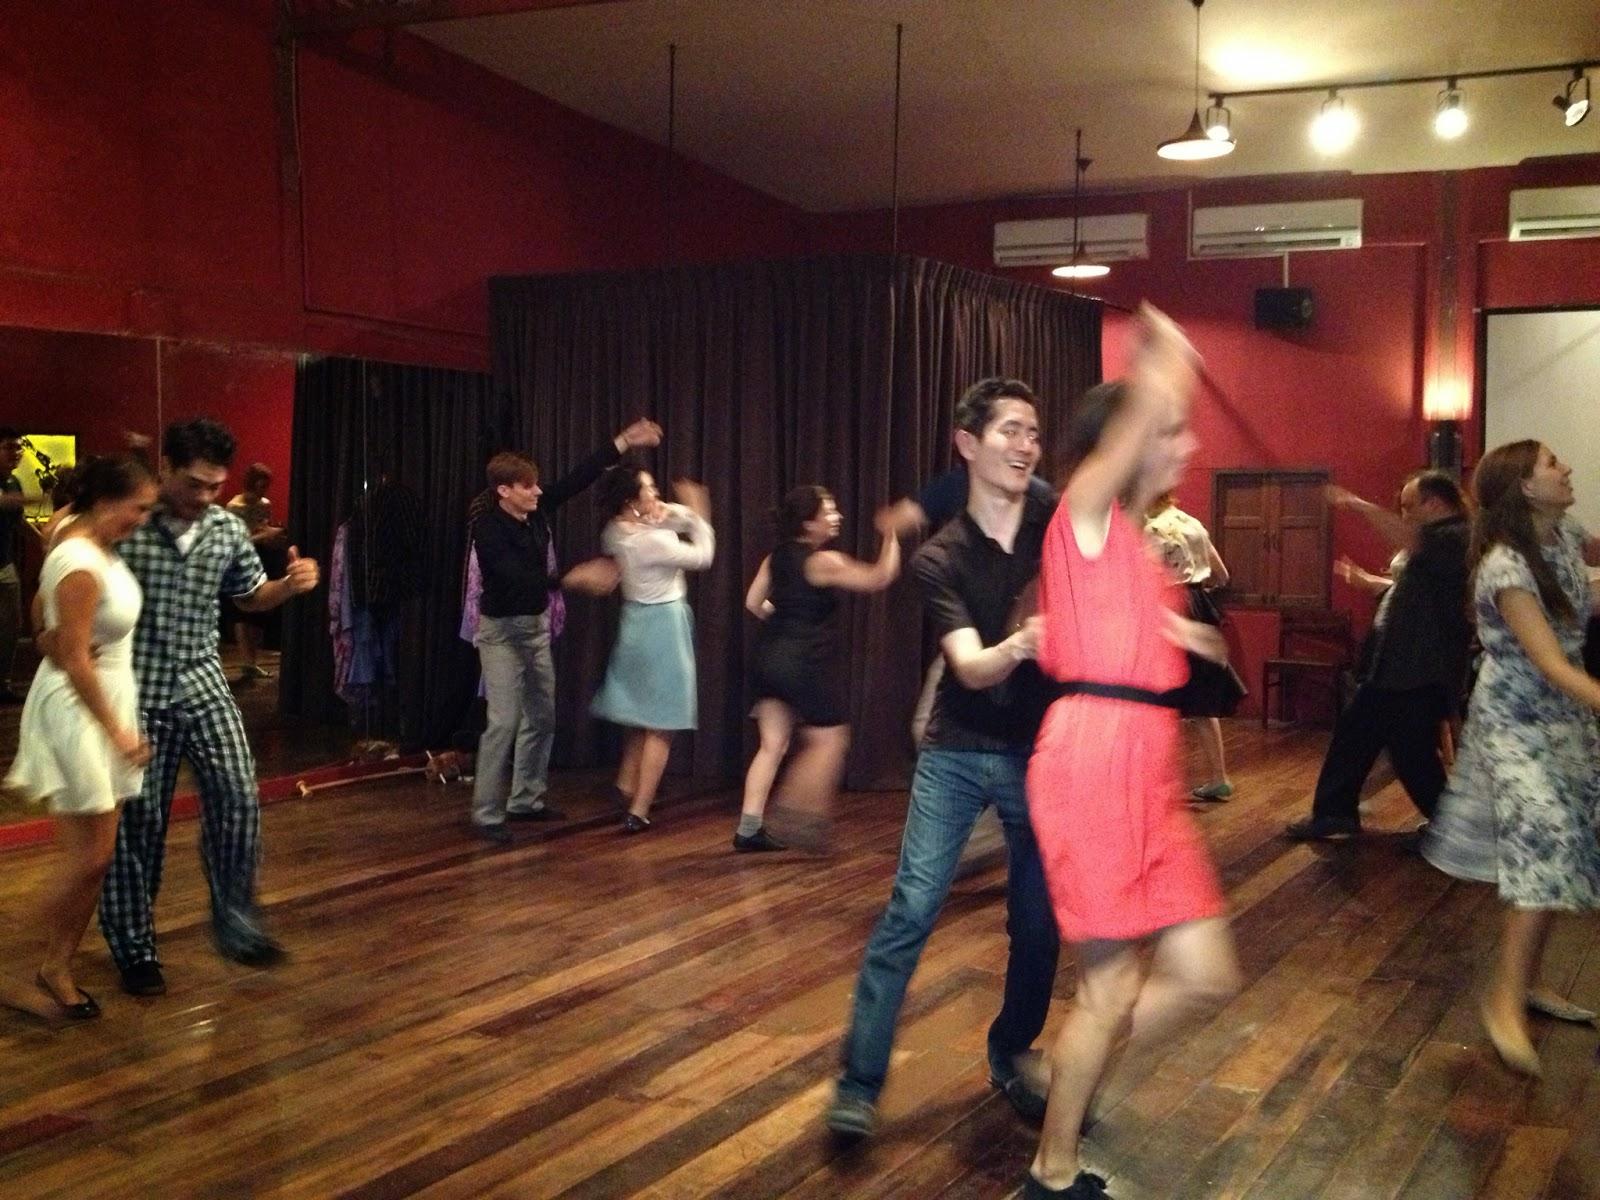 Bangkok - Lindy hopping at The Hop